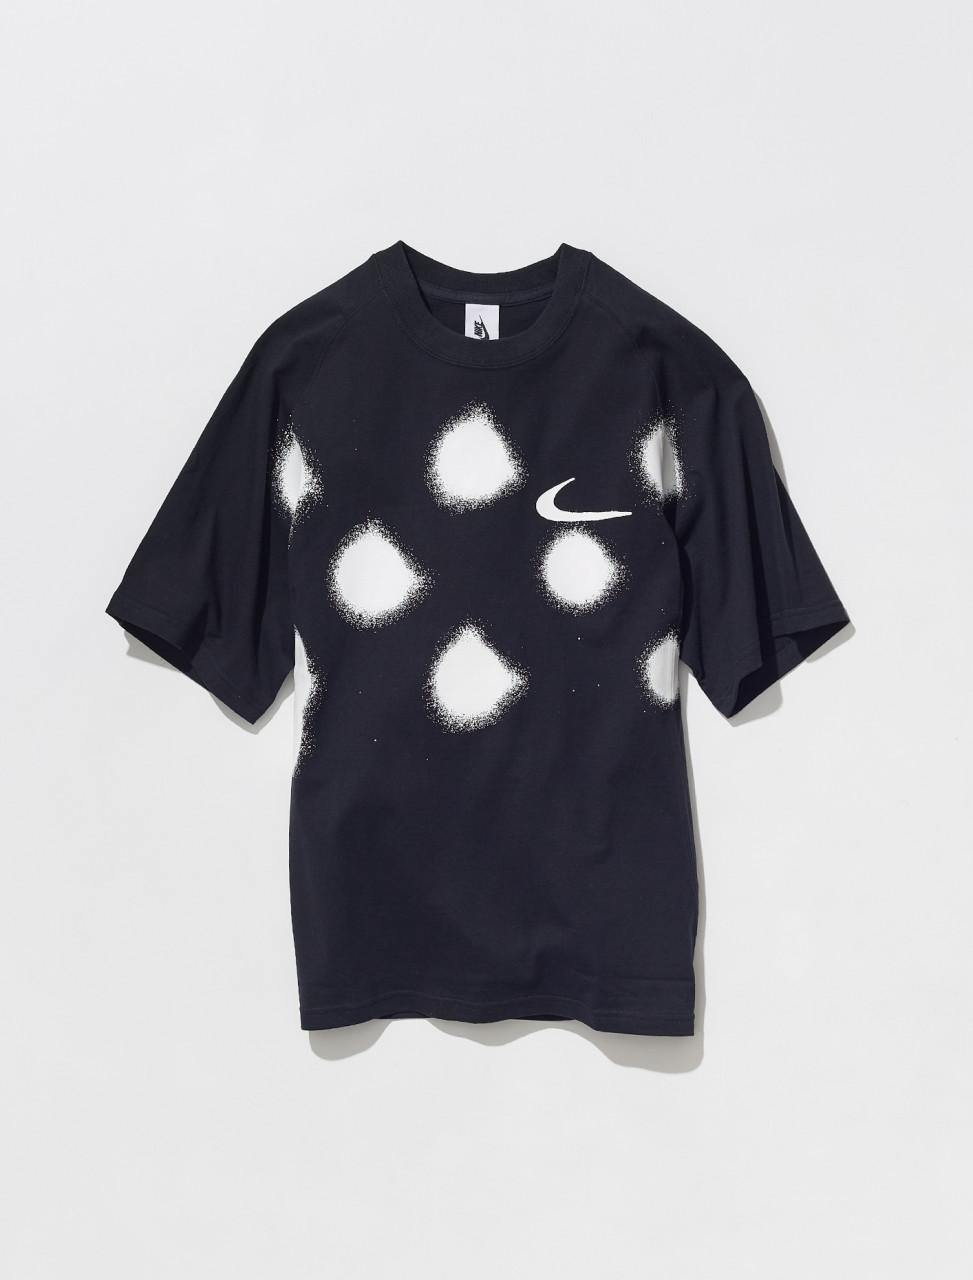 CU2477 010 NIKE X OFF WHITE T SHIRT IN BLACK